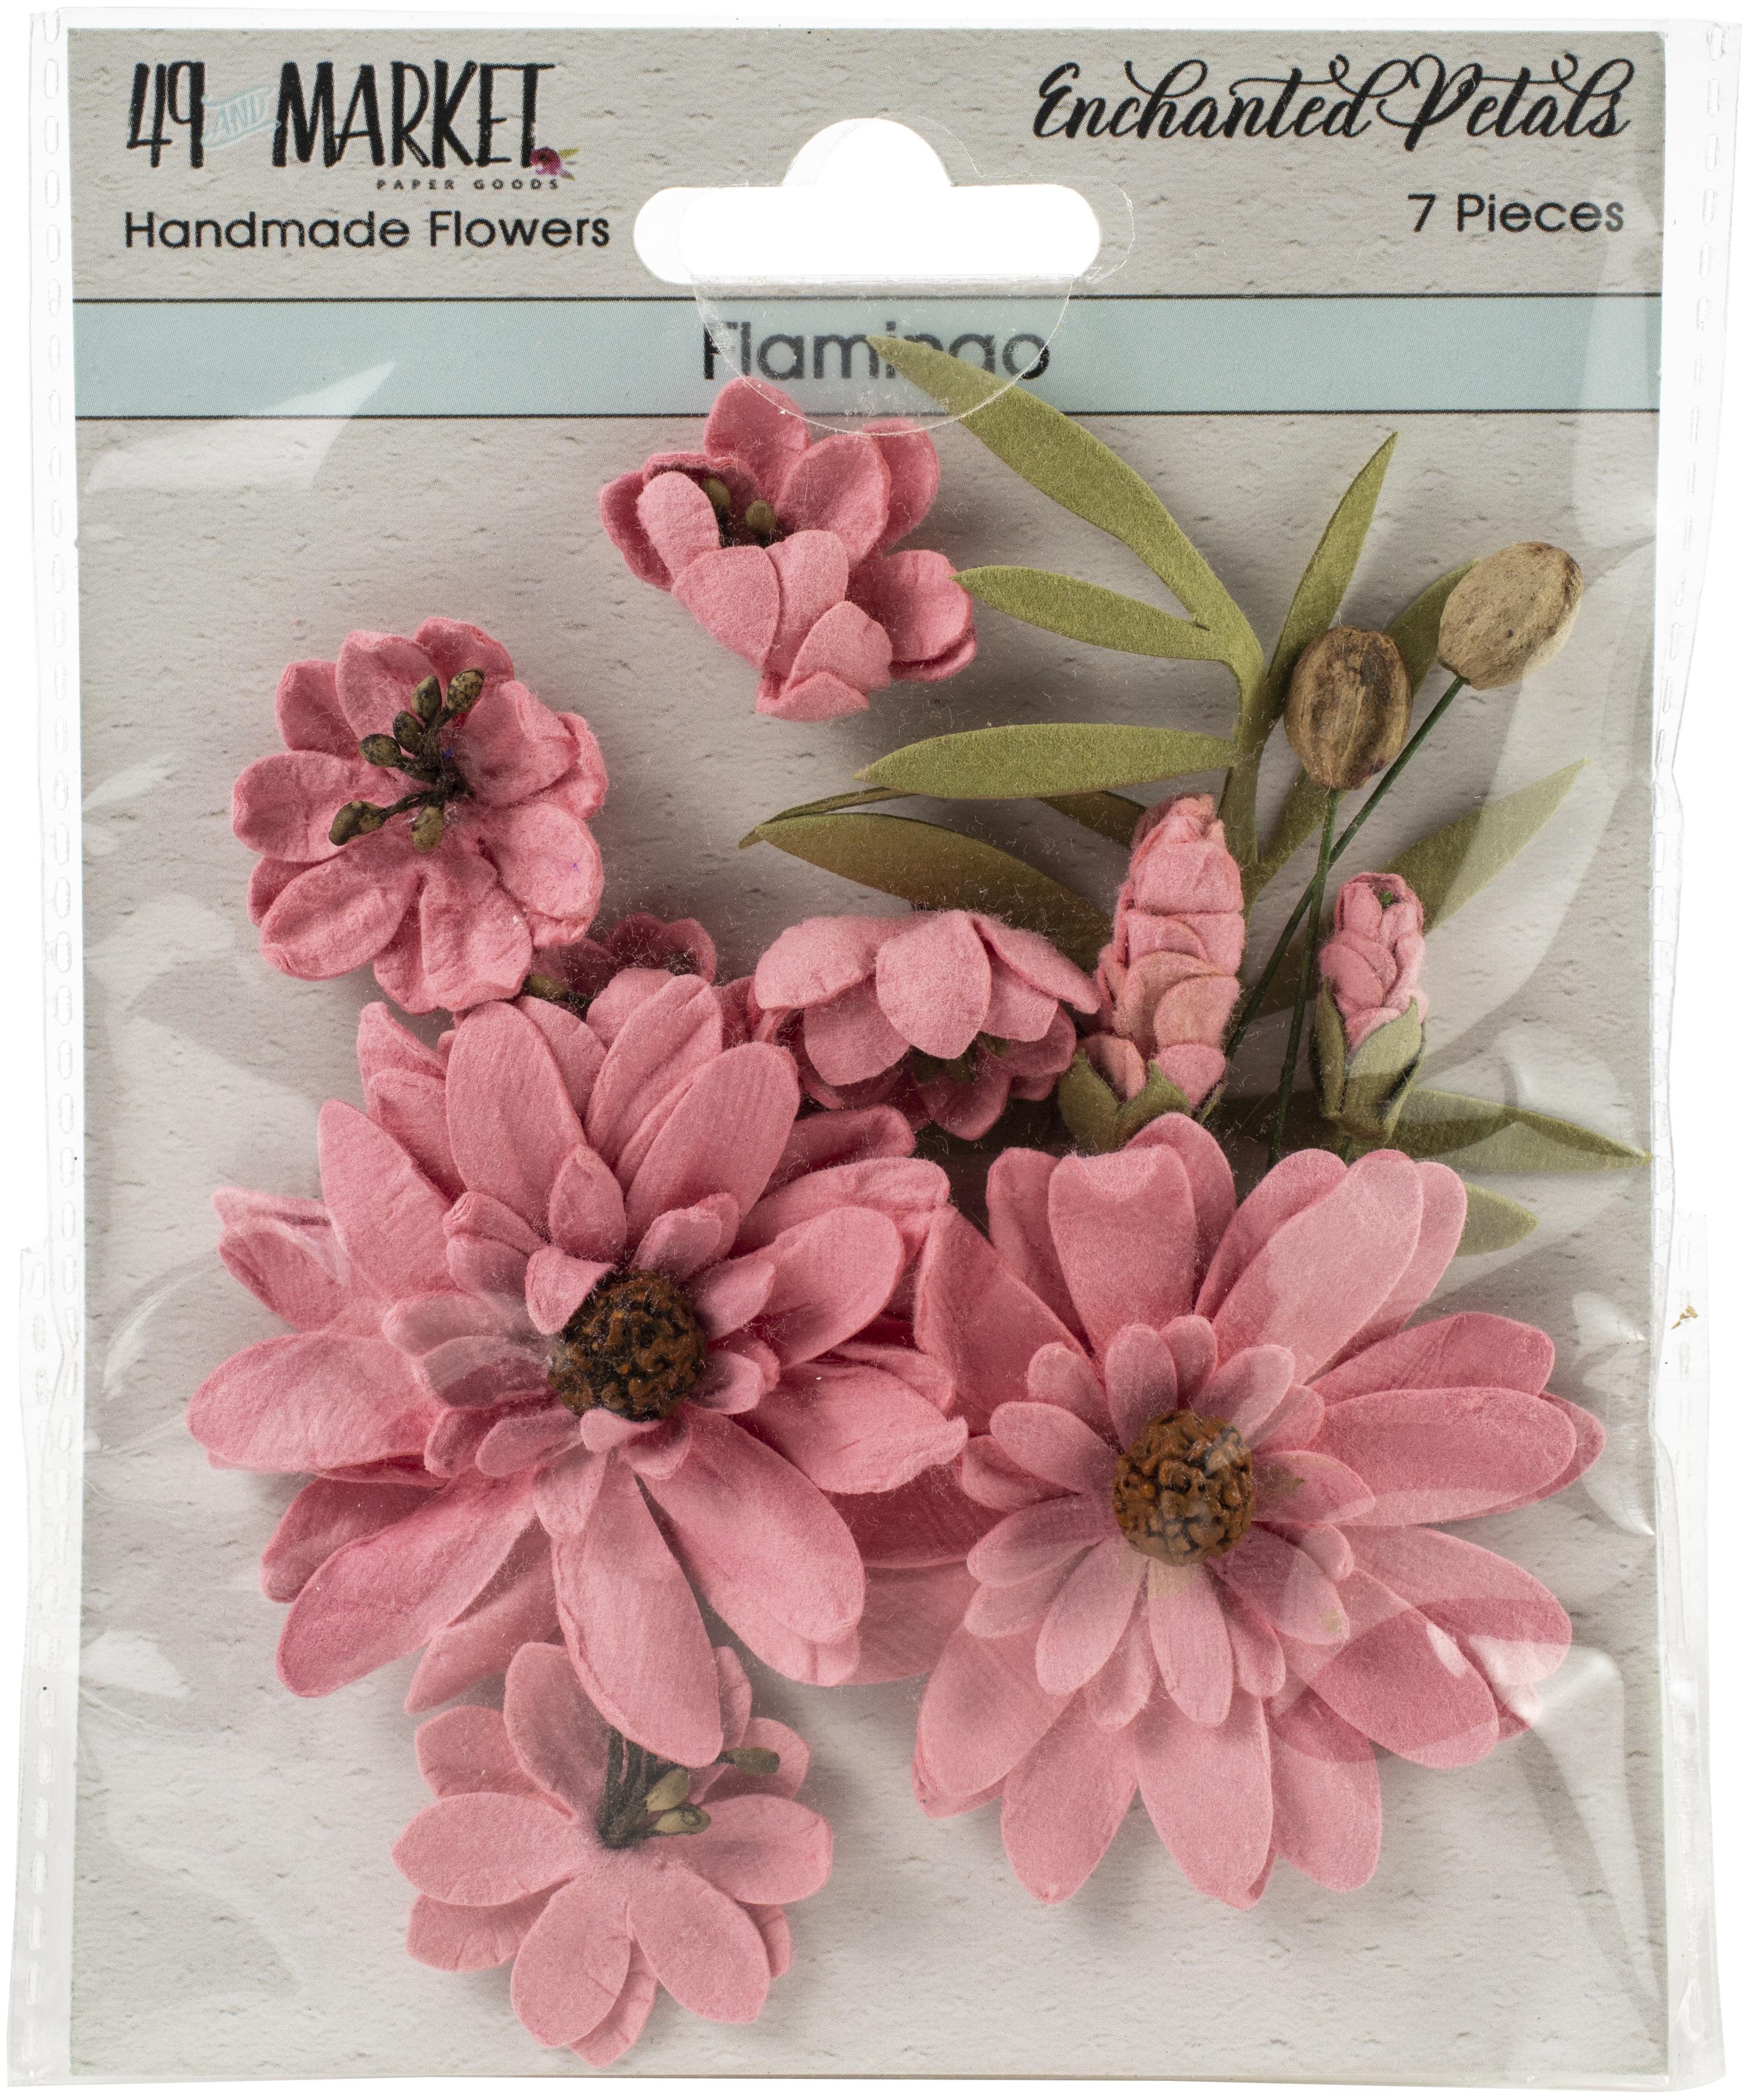 49 And Market Enchanted Petals 7/Pkg-Flamingo